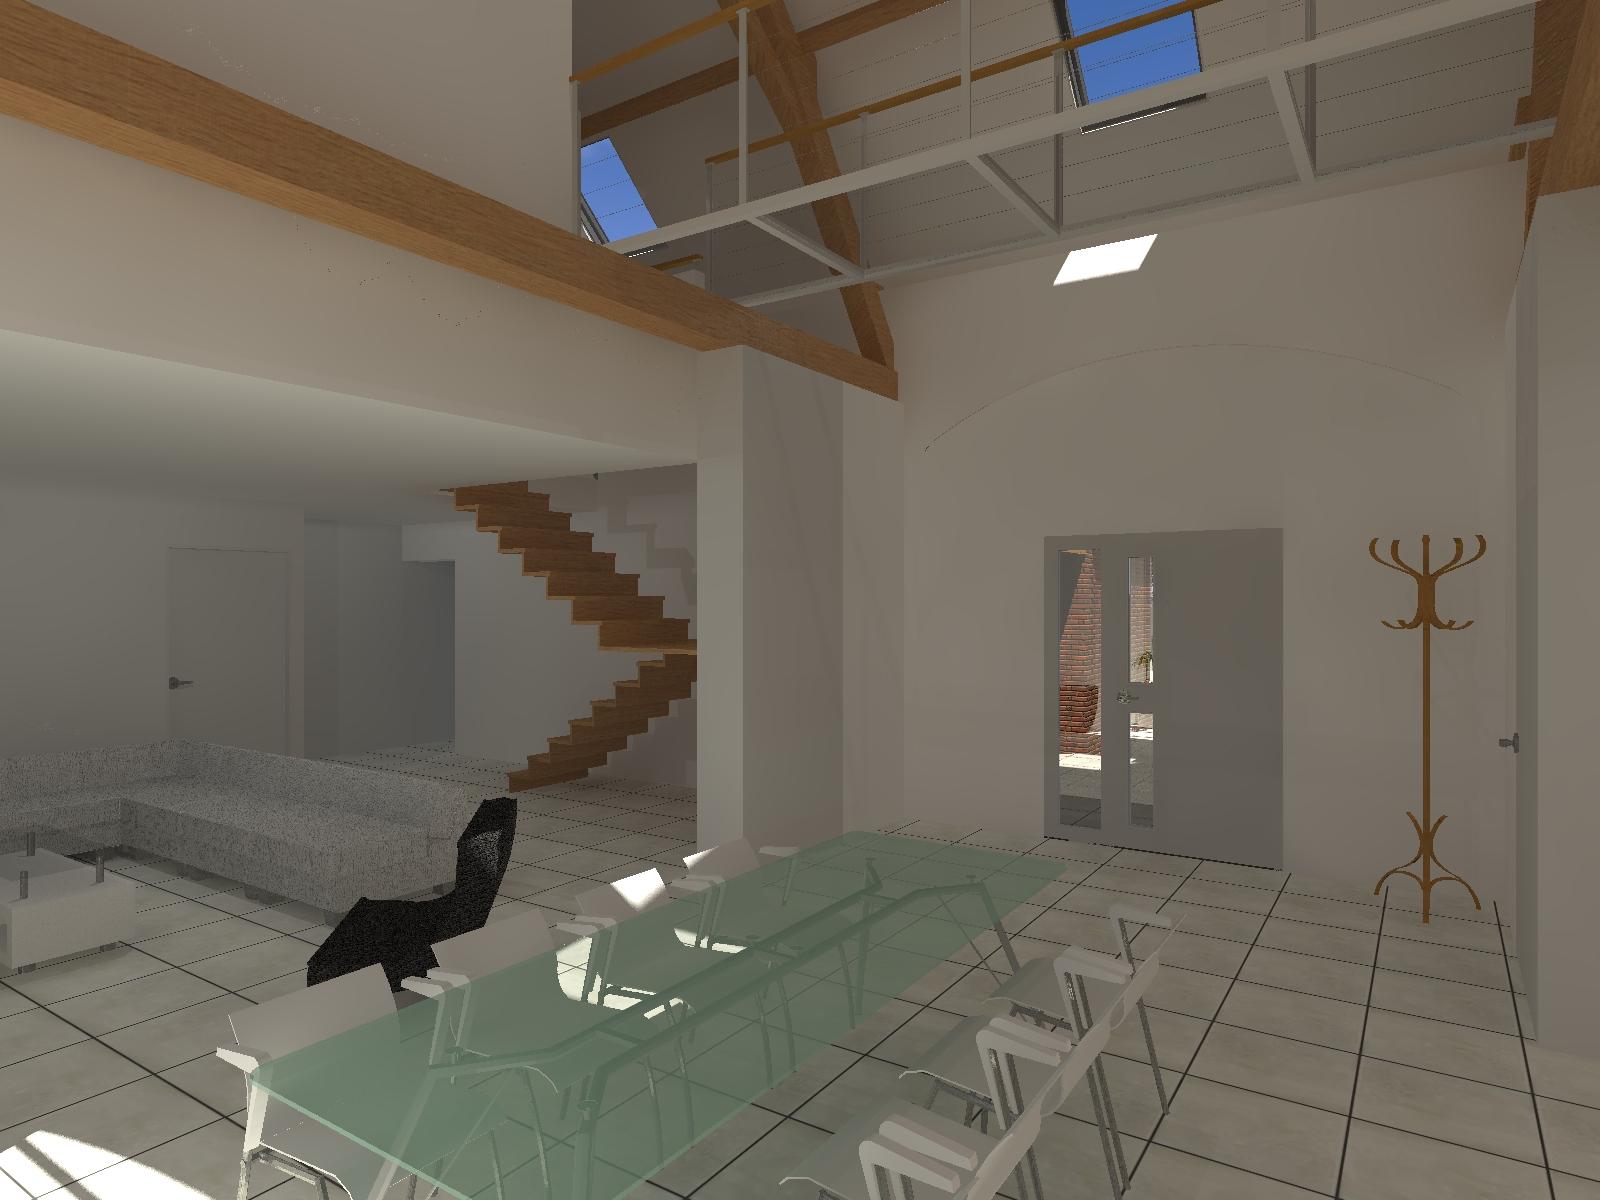 16-31-atelier-permis-de-construire-plans-grange22